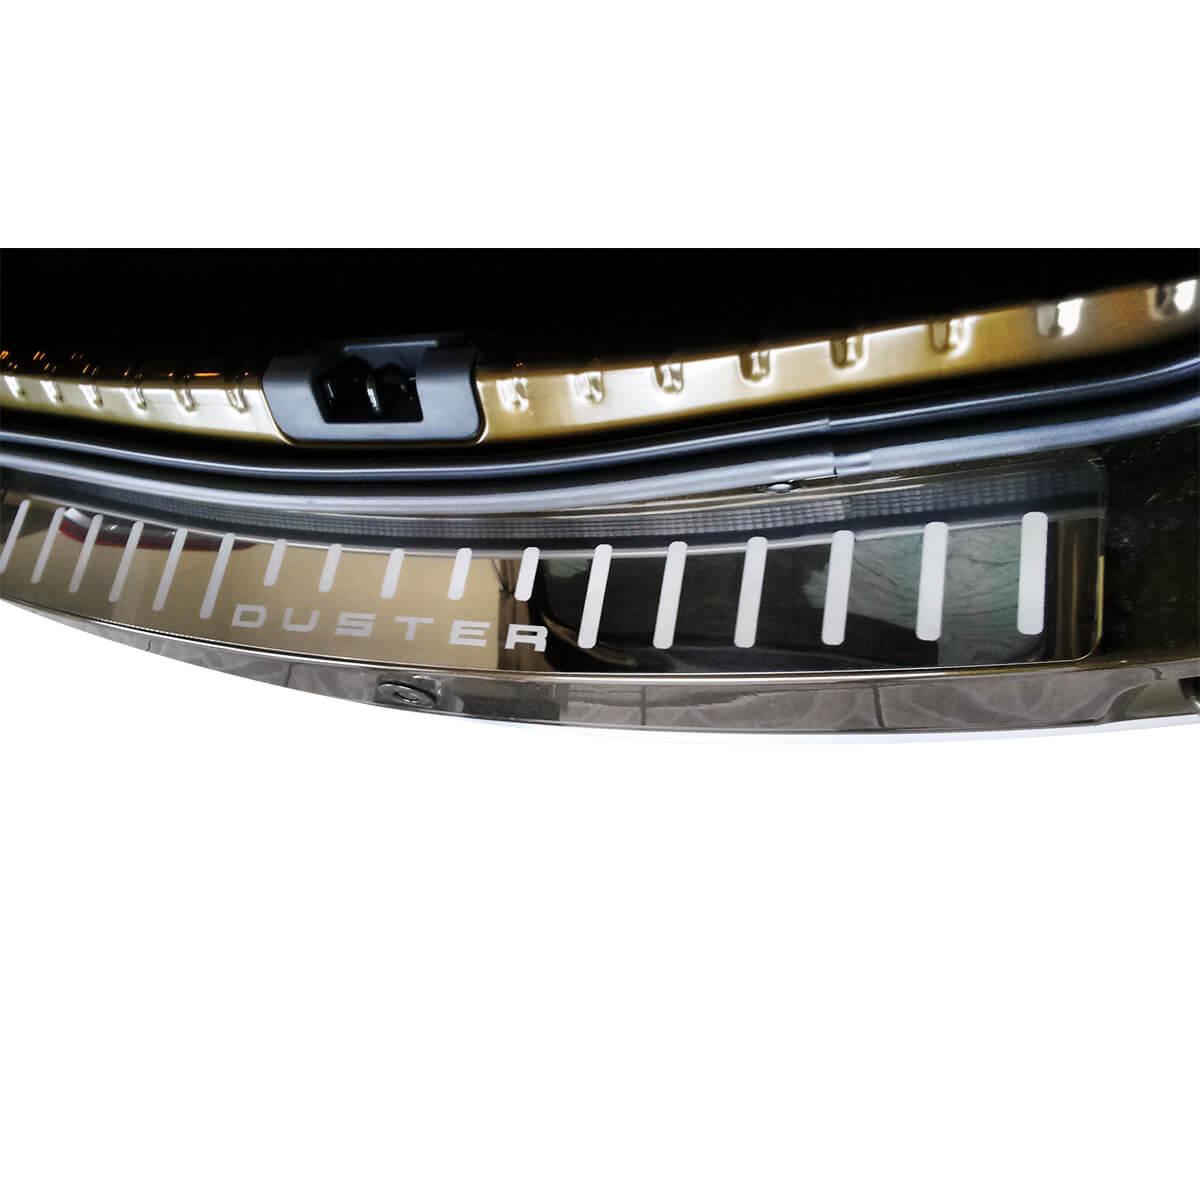 Protetor de soleira porta malas aço inox Duster 2012 a 2017